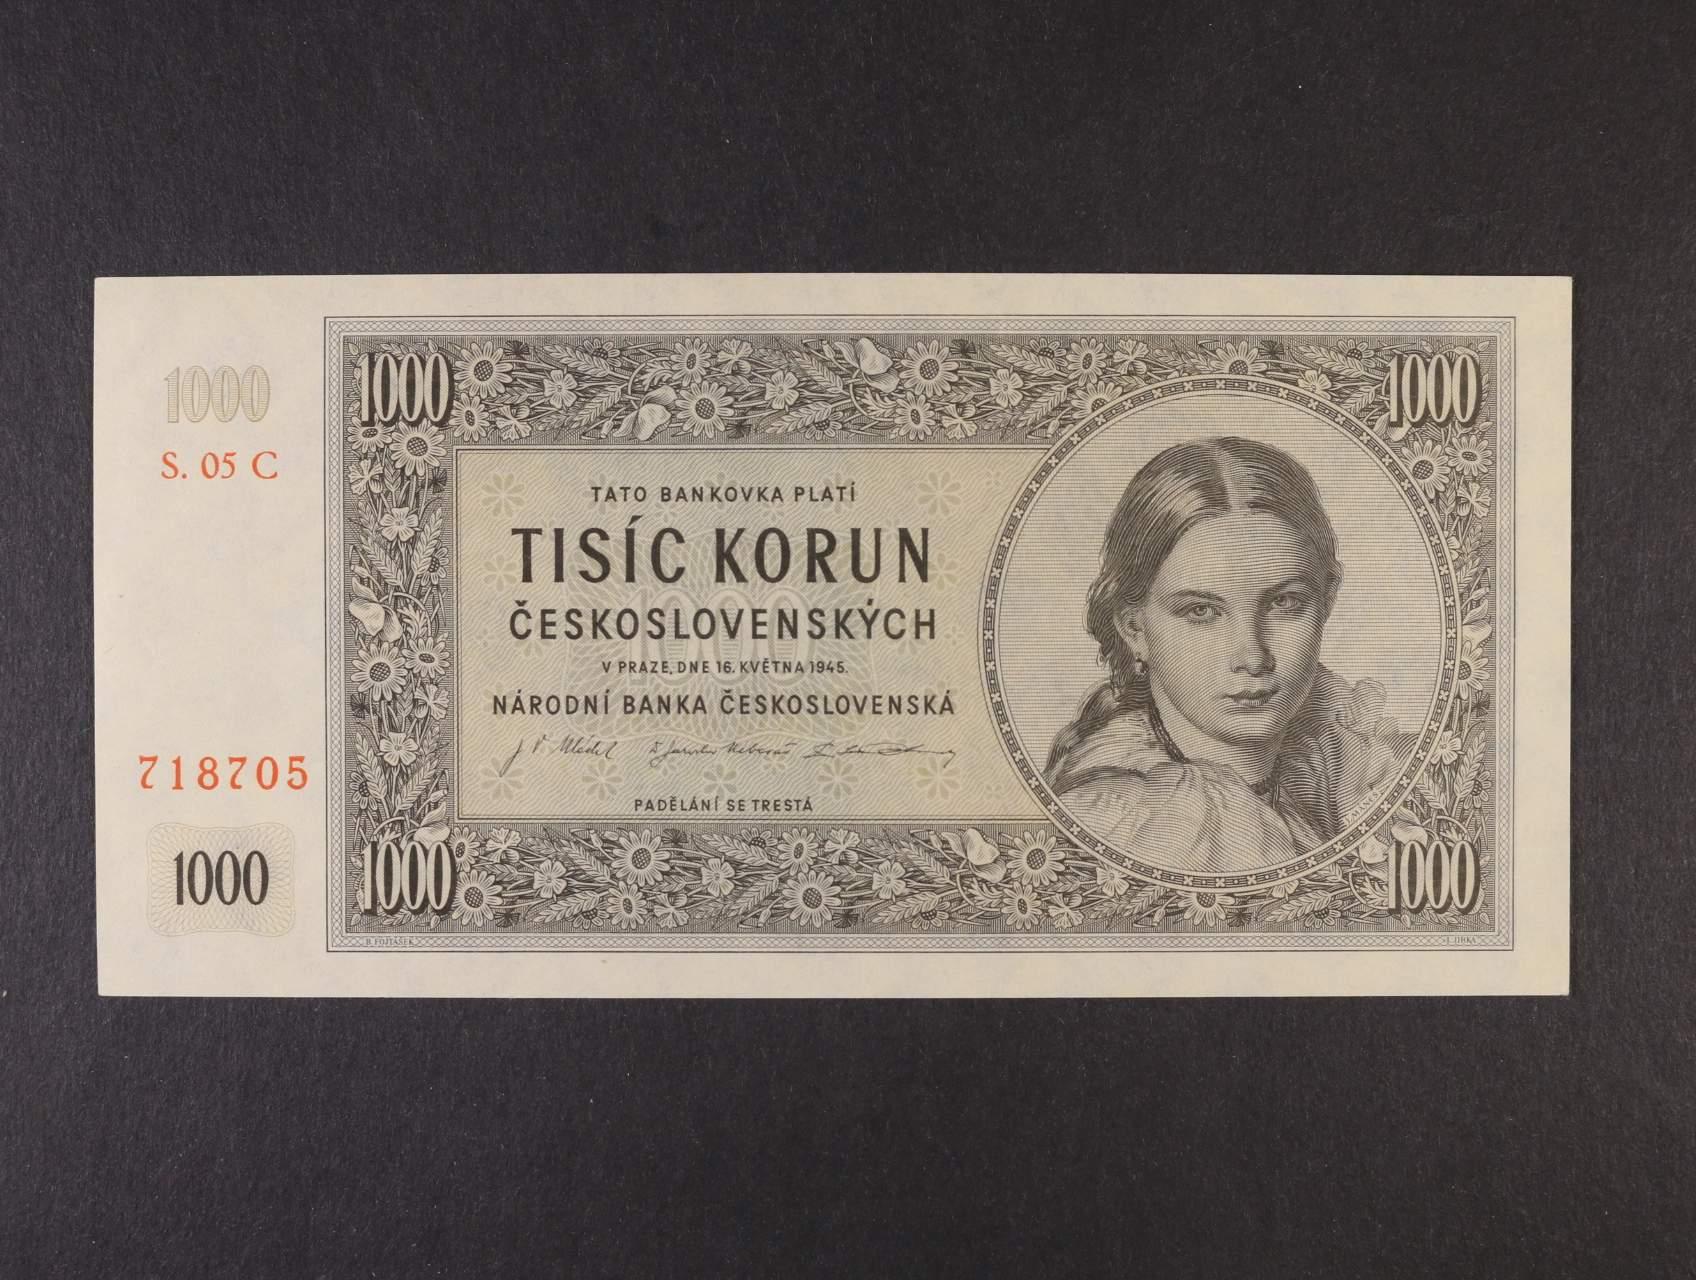 1000 Kčs 16.5.1945 série 05 C, Ba. 78c1, Pi. 74a